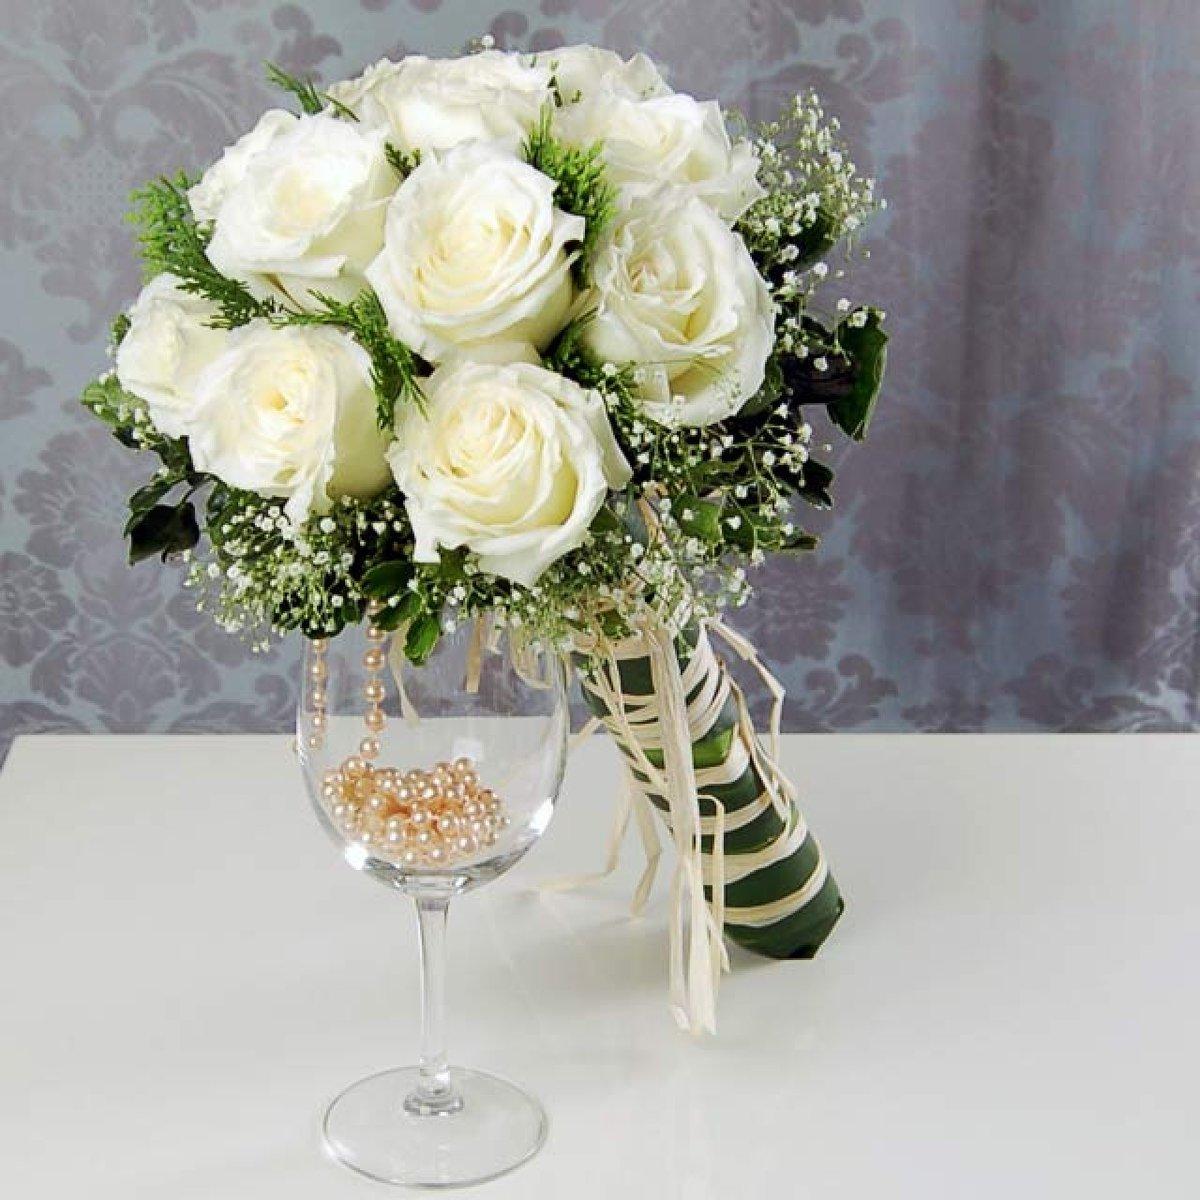 Цветов, фото букетов для невесты на свадьбу фото